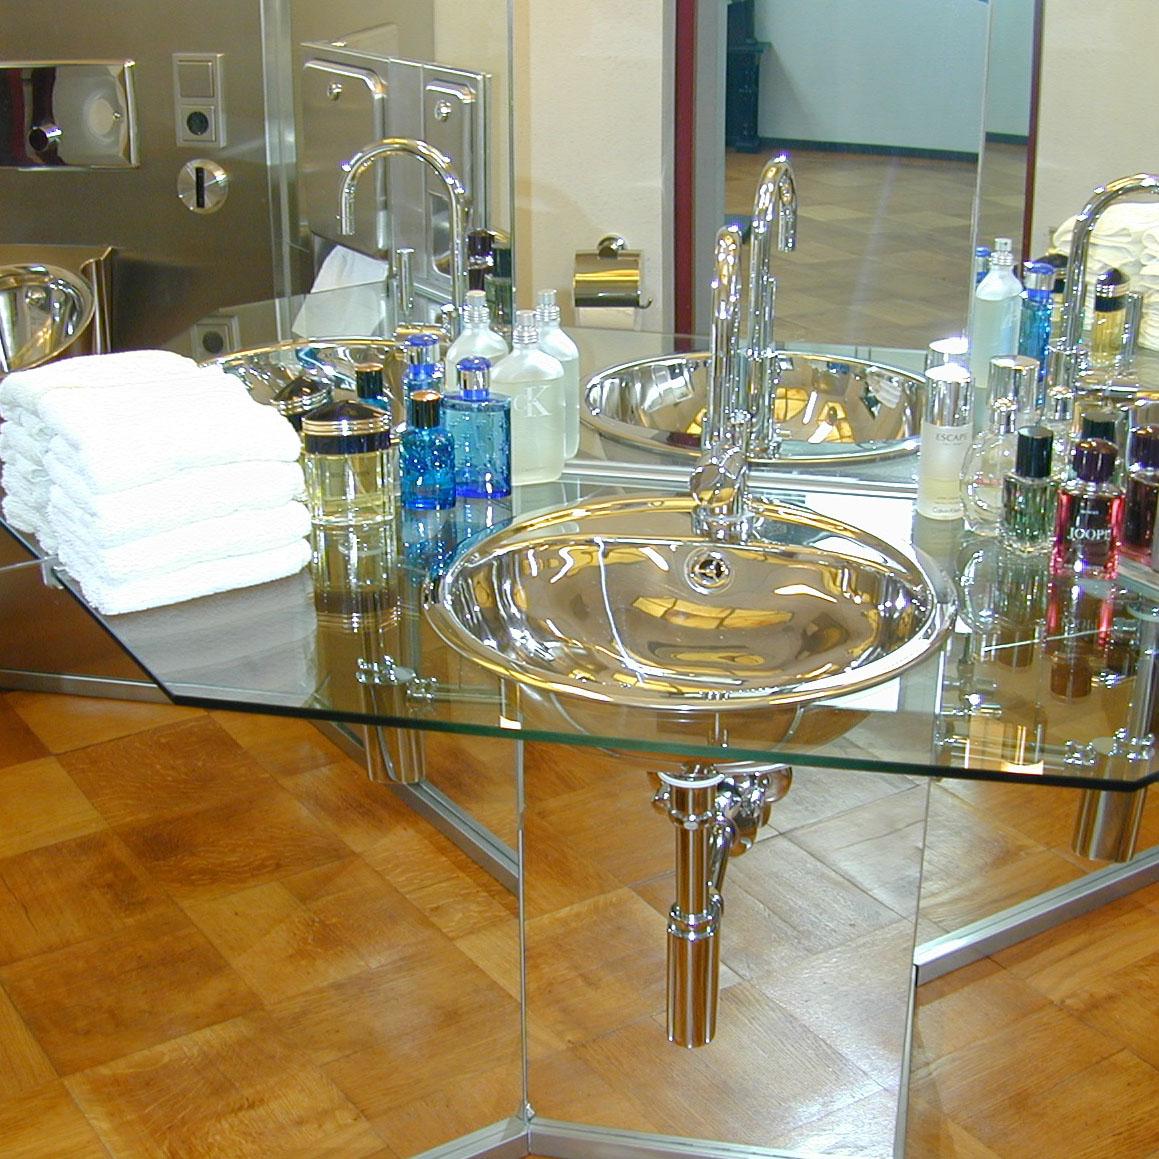 GLAS-KAHL | GLAS-KAHL GmbH & Co. Glaswerkstätte KG